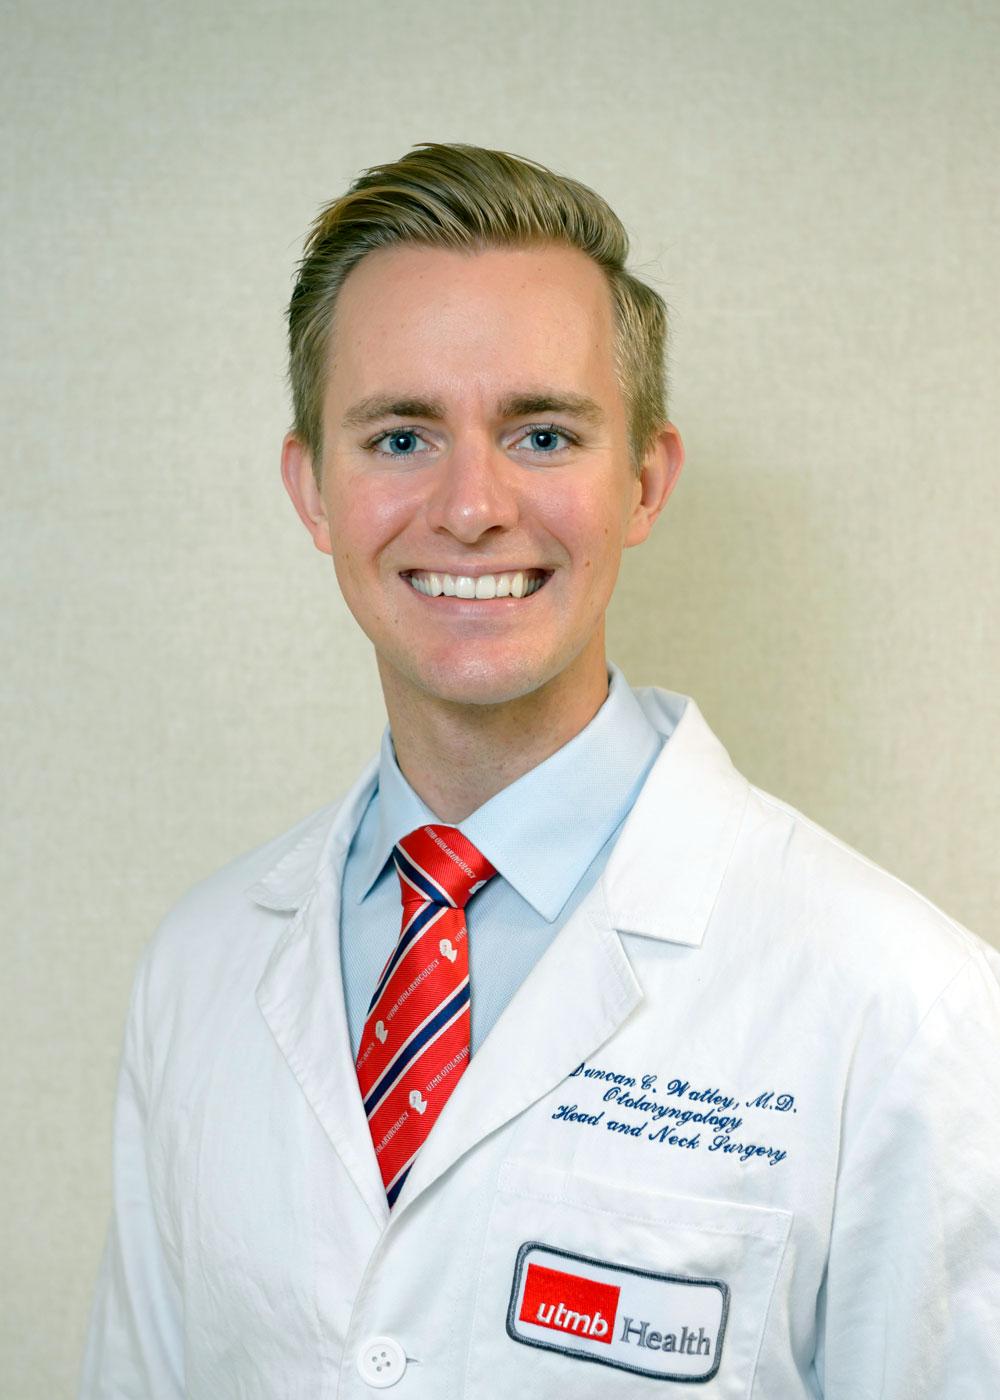 Duncan Watley, MD